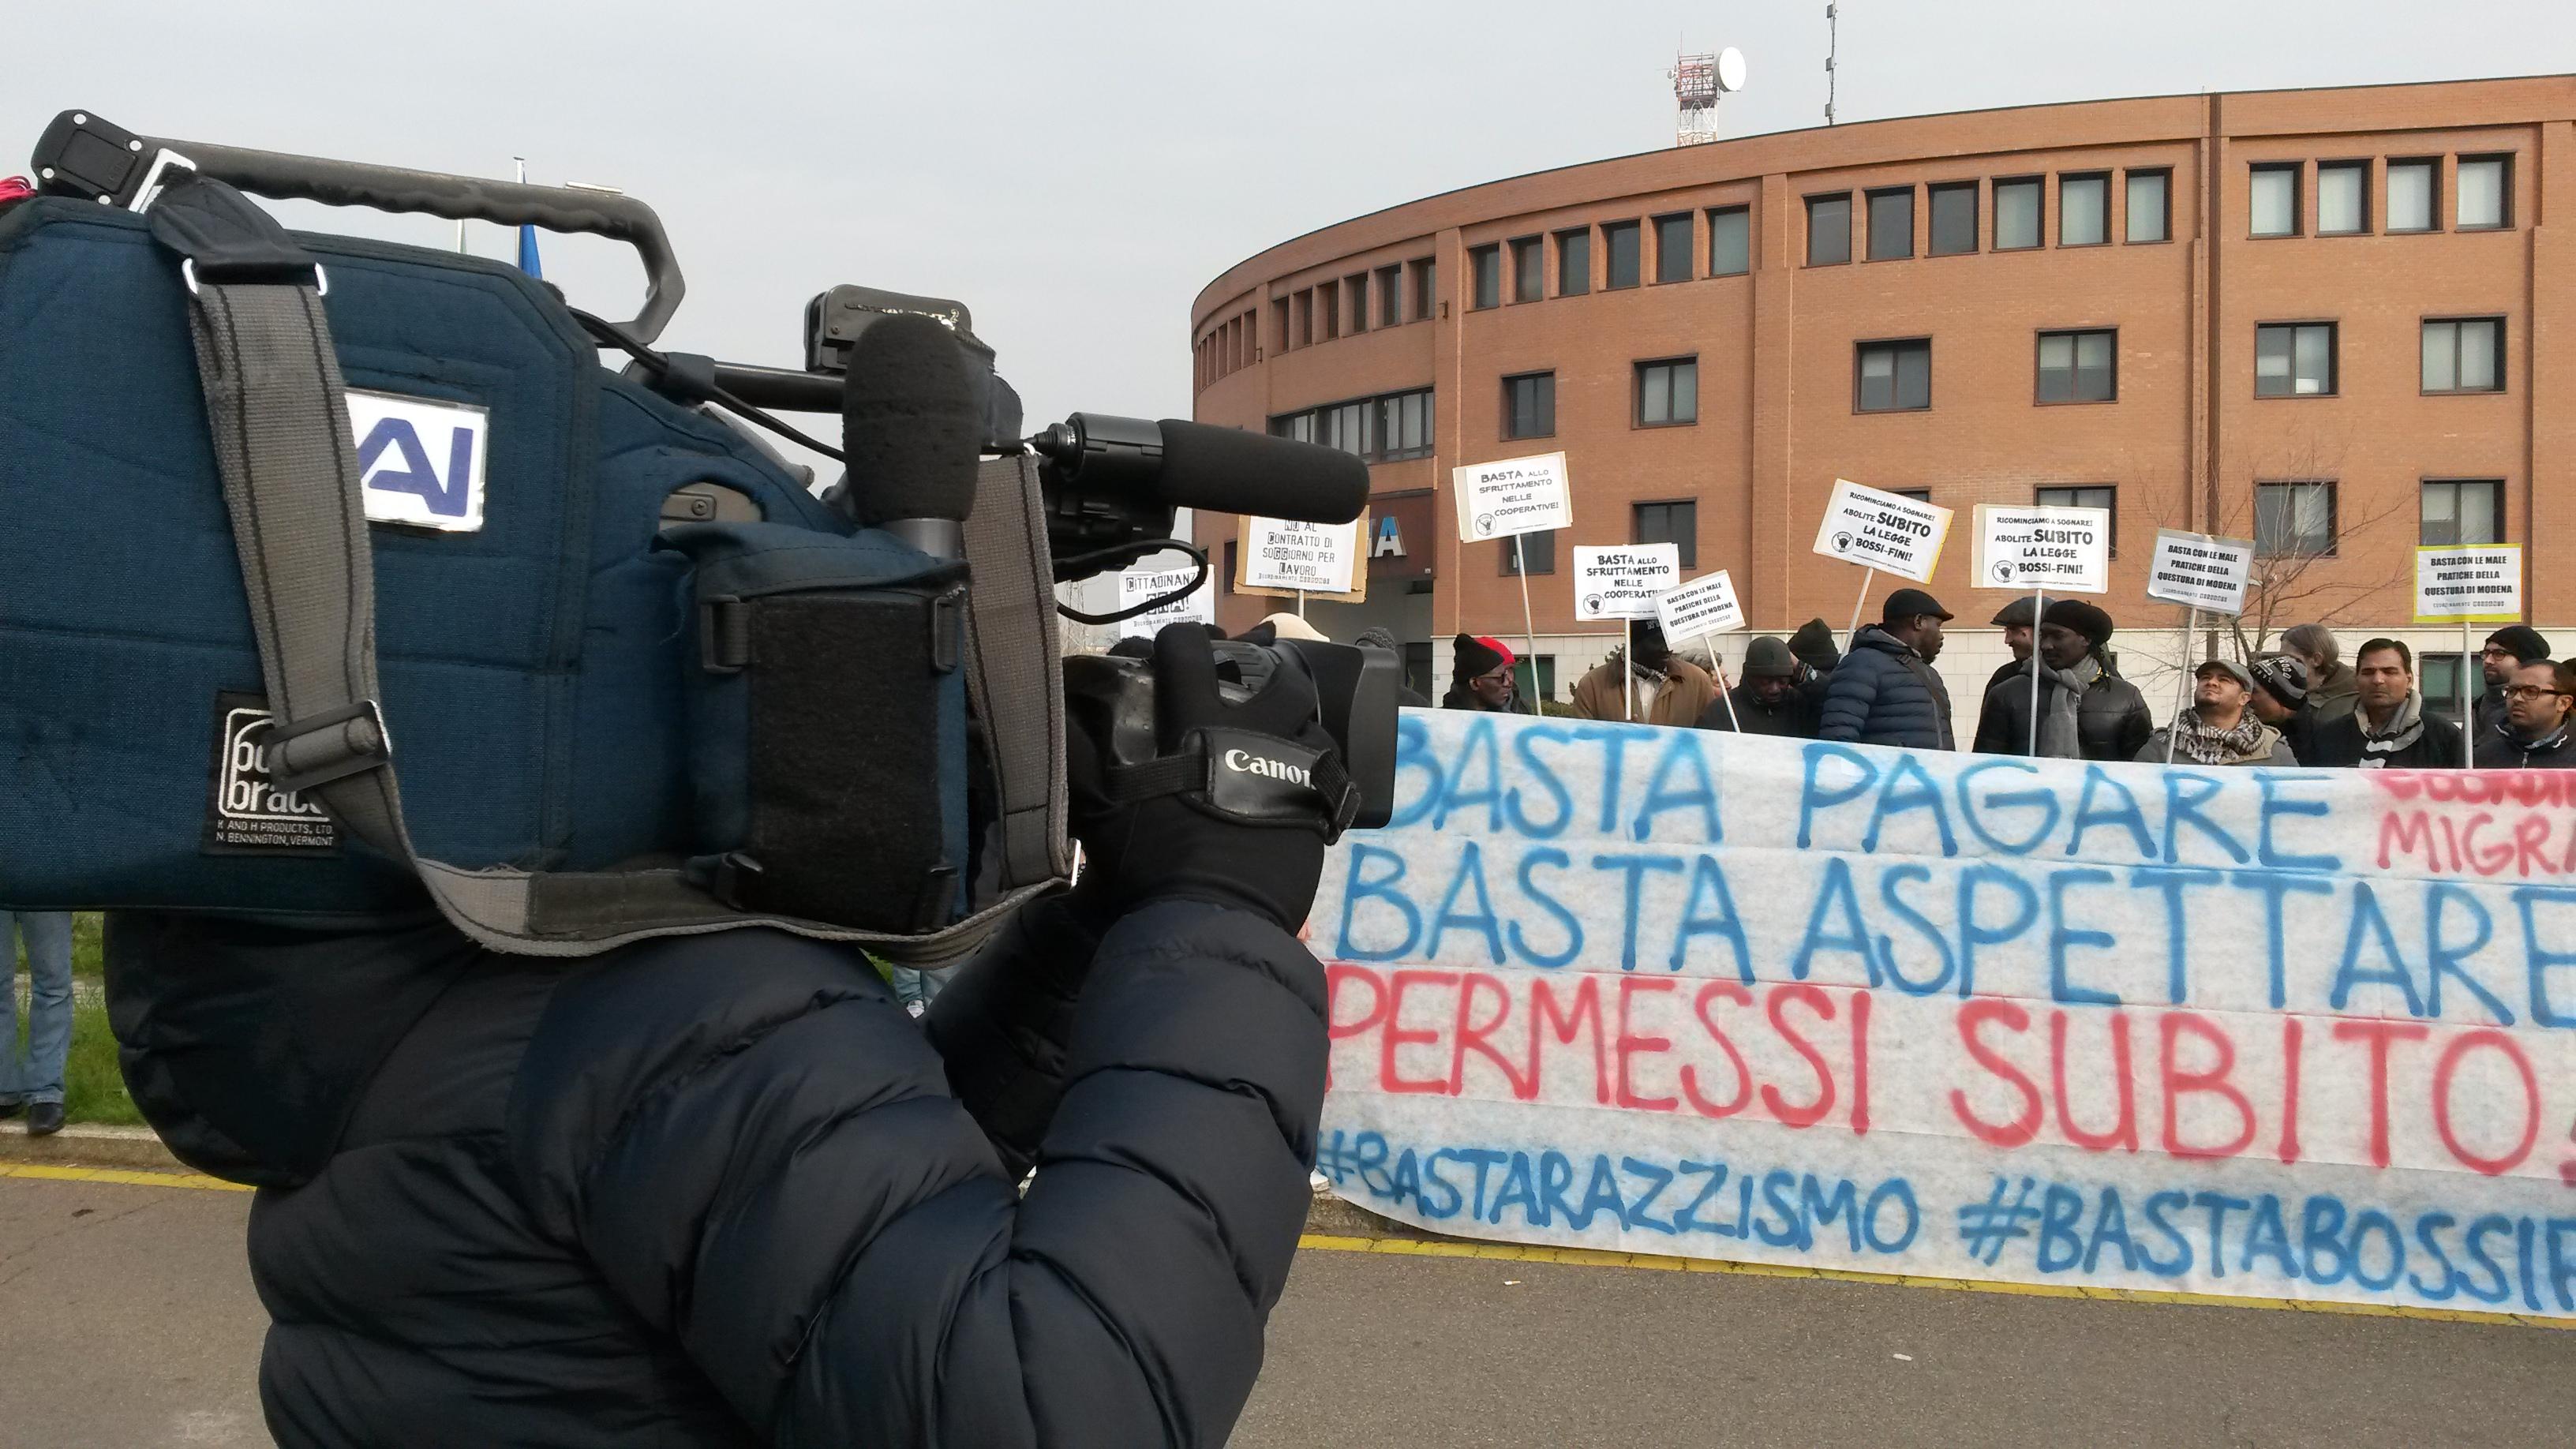 Lettera pubblica dei migranti alla Questura di Modena  